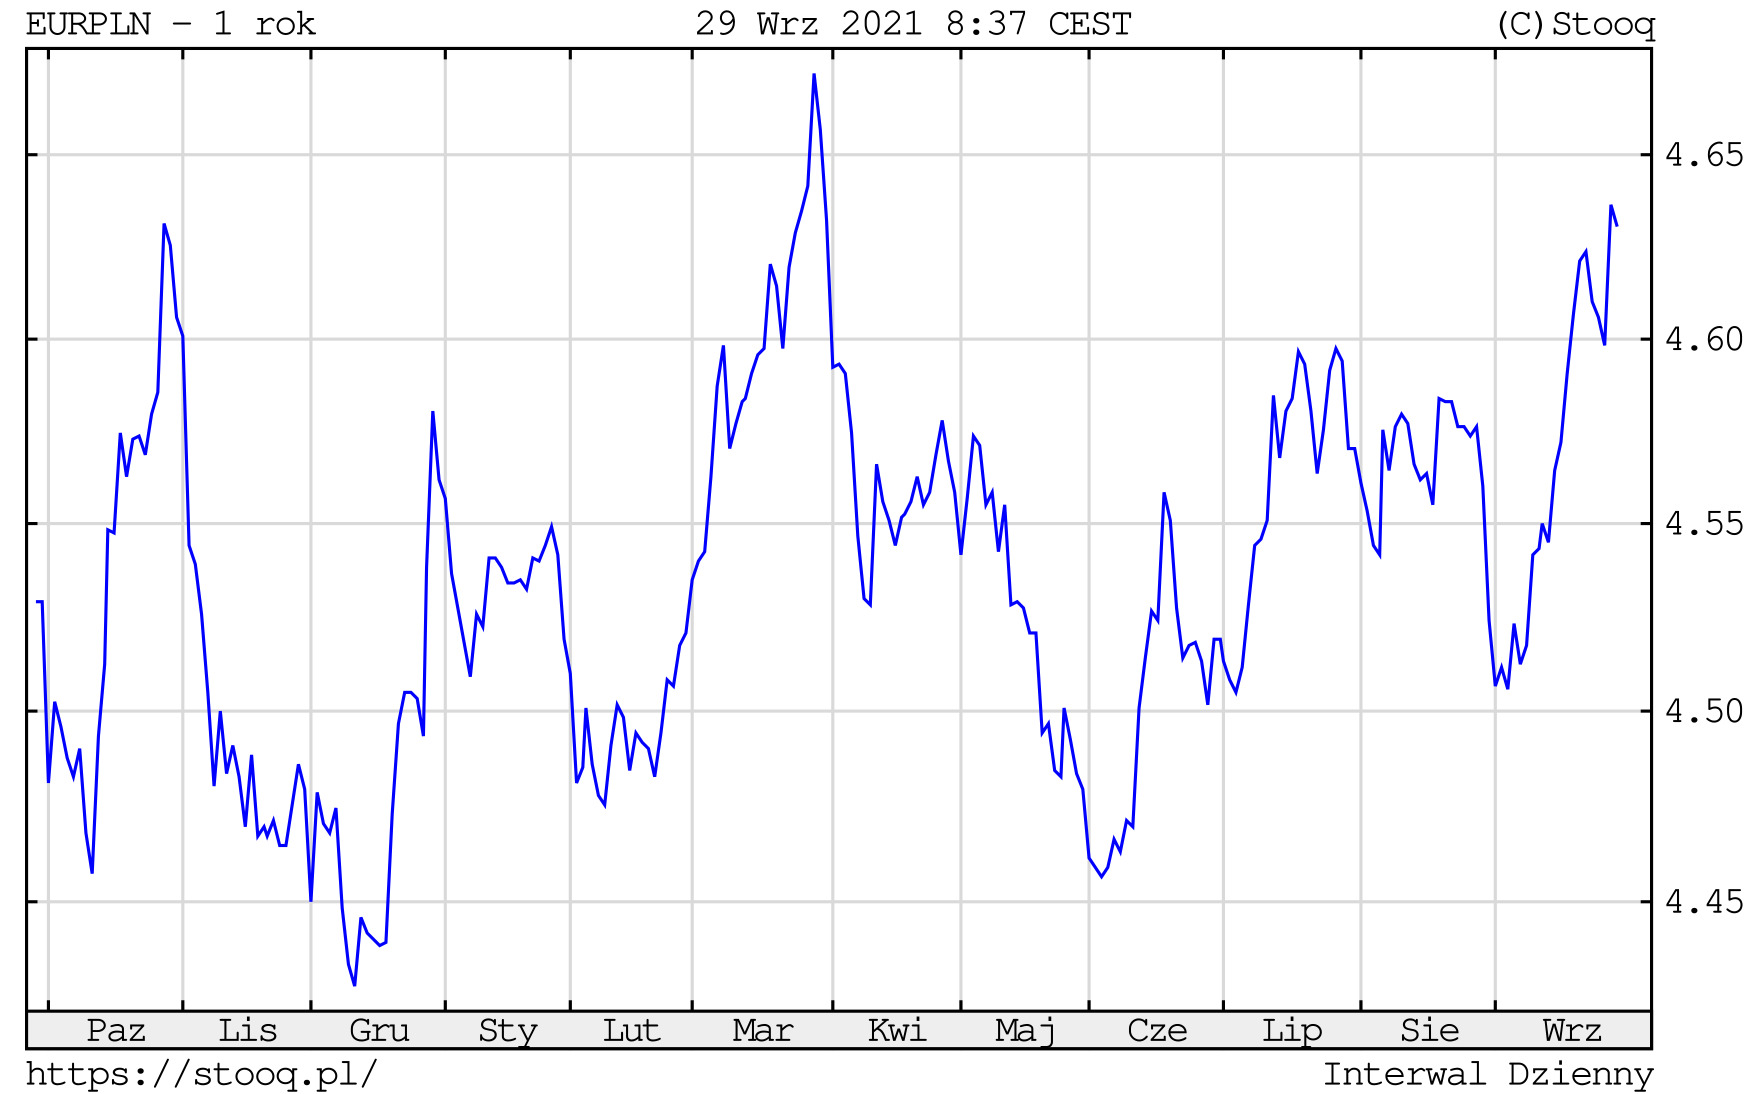 Kurs euro w środę, 29 września 2021 roku. Notowania EURPLN na wykresie dziennym